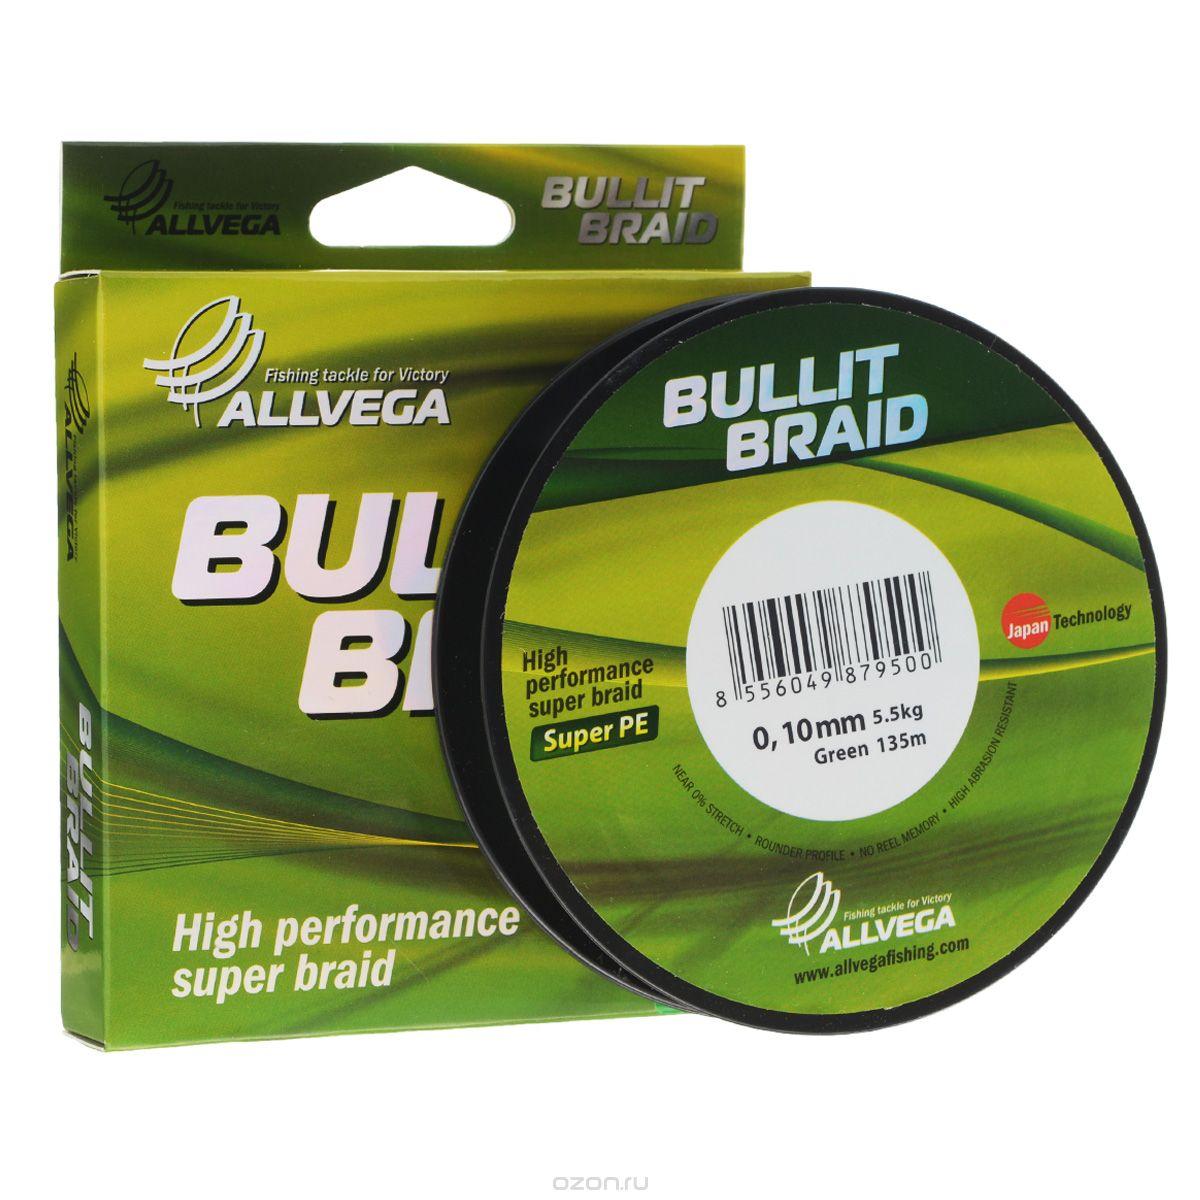 Леска плетеная Allvega Bullit Braid 270м тёмно-зелёный 0.14мм (8,4кг) (89098)Плетеные шнуры<br>Леска Allvega Bullit Braid с гладкой поверхностью и одинаковым сечением по всей длине обладает высокой износостойкостью. Благодаря микроволокнам полиэтилена (Super PE) леска имеет очень плотное плетение и не впитывает воду. Леску Allvega Bullit Braid ...<br>